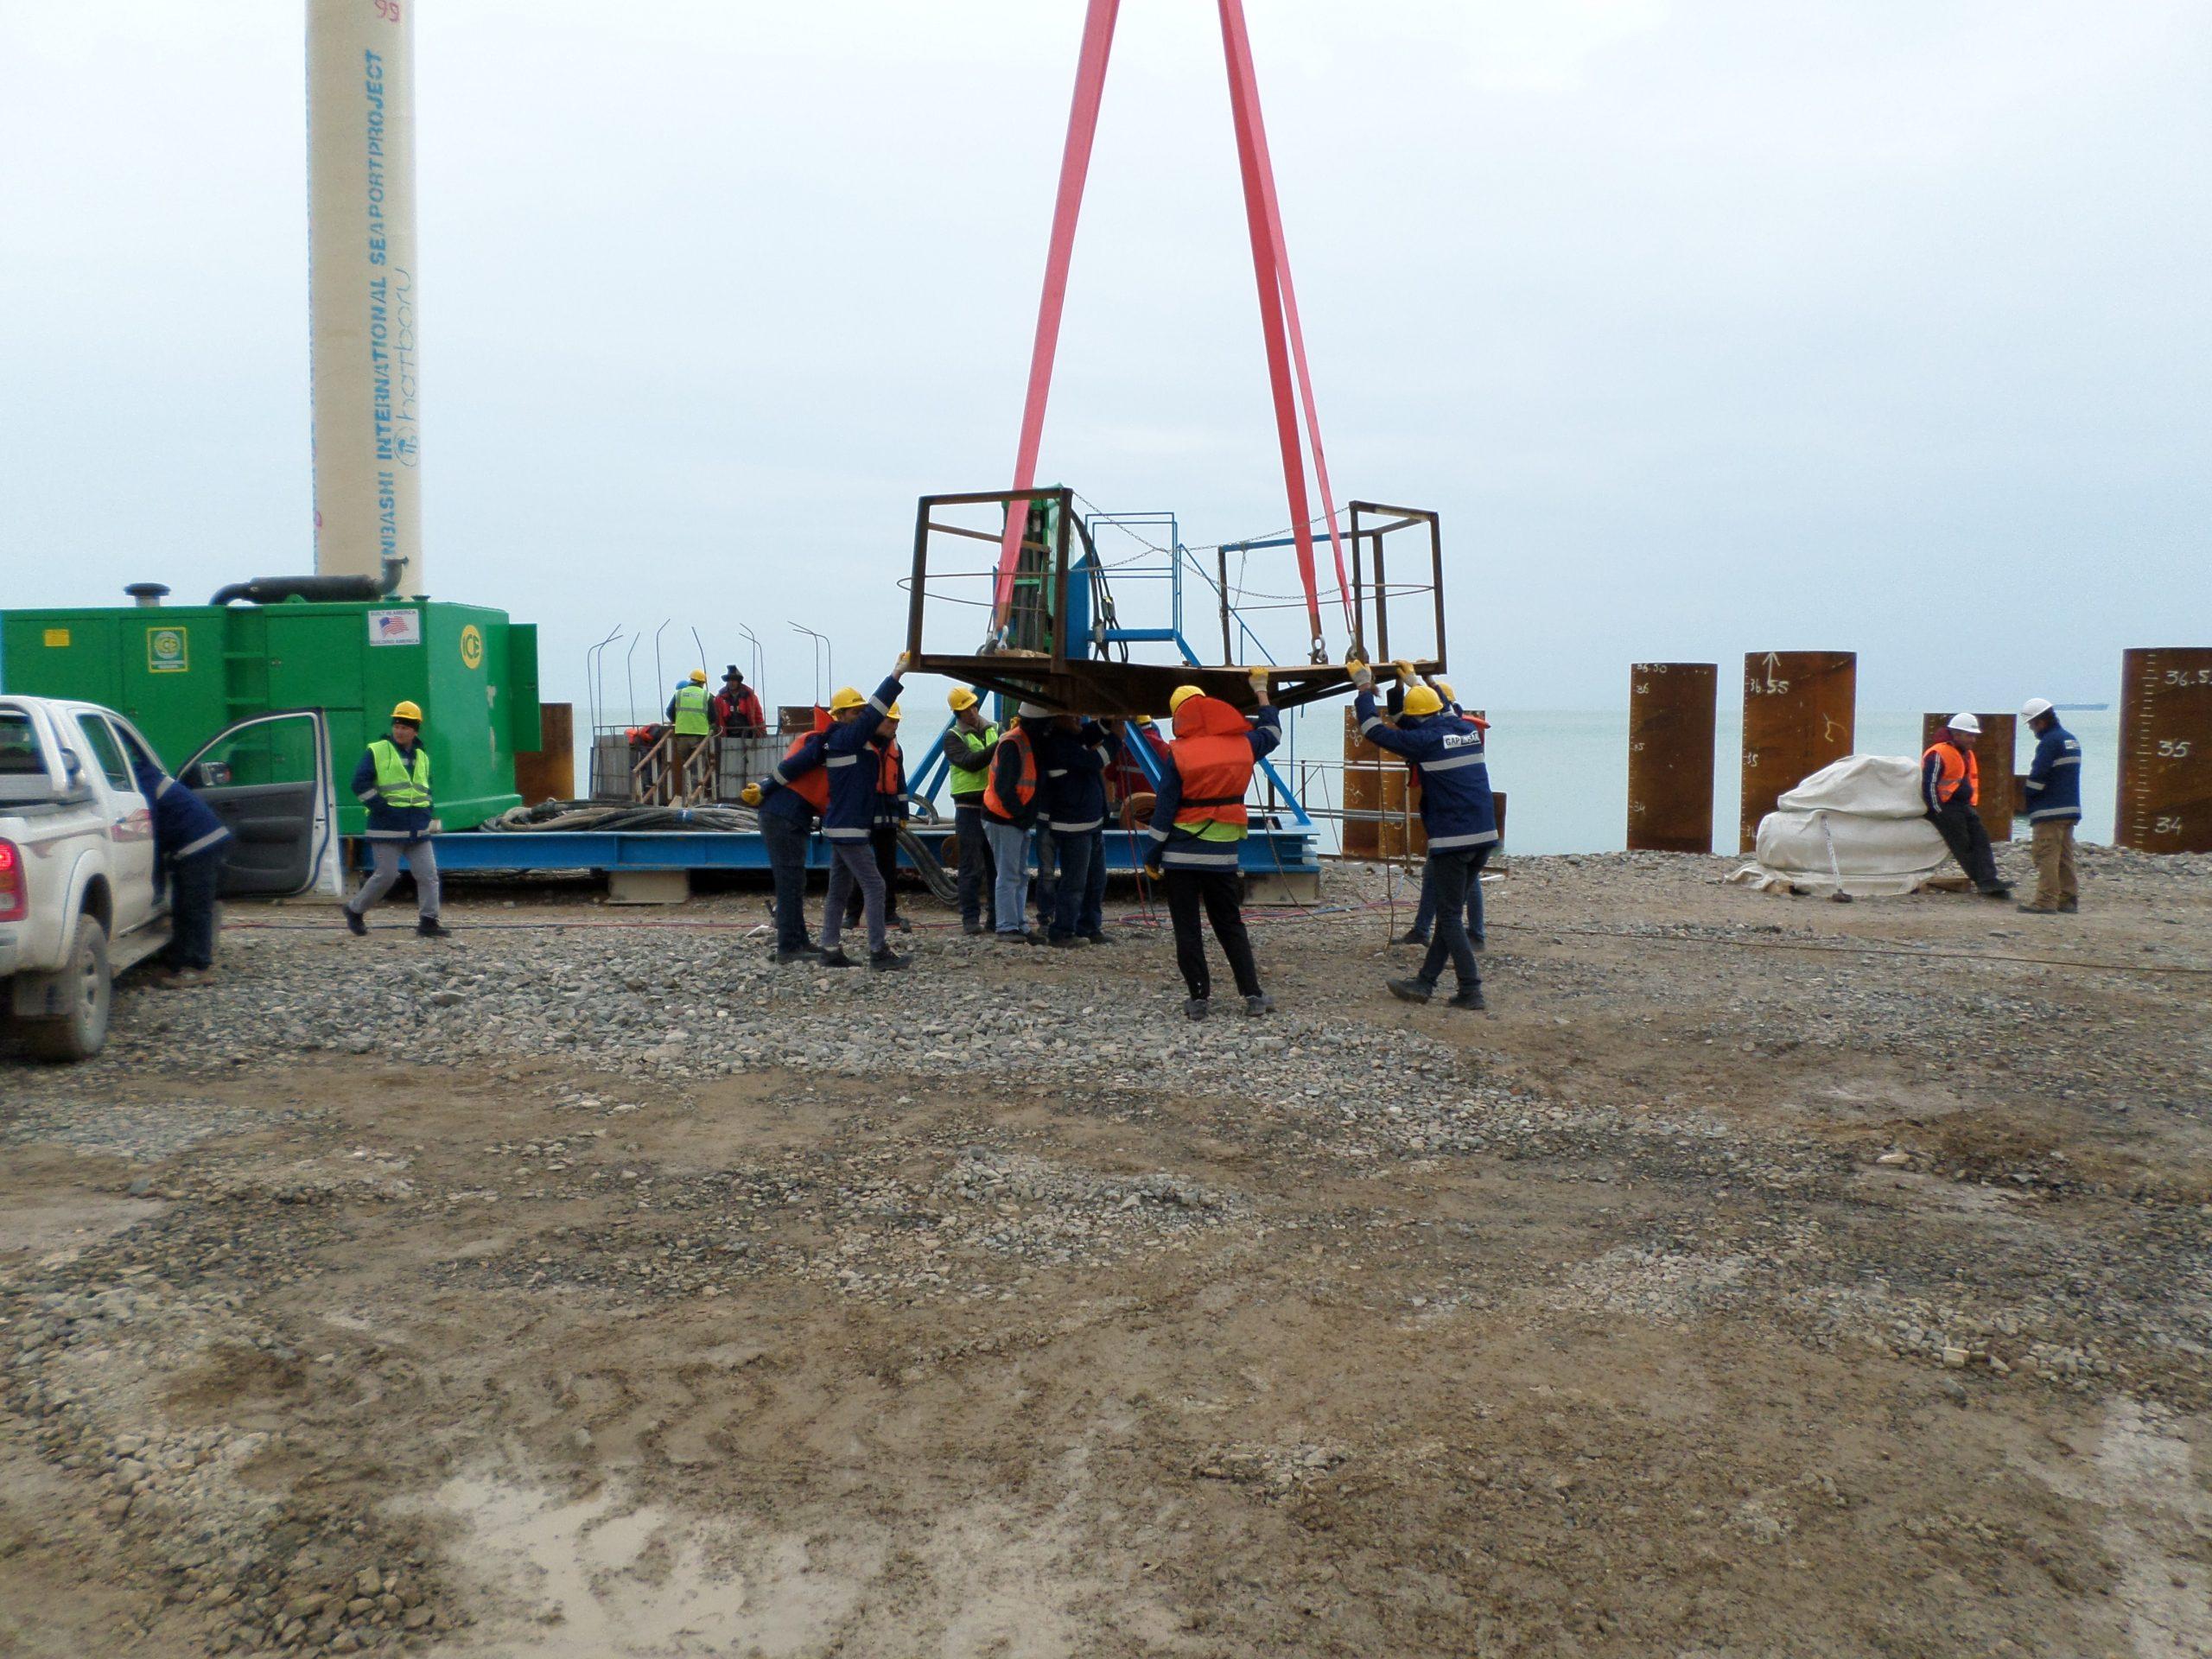 Uluslararası Türkmenbaşı Liman Projesi – Kazık Borusu Montaj, Kaynak ve Boya İşleri